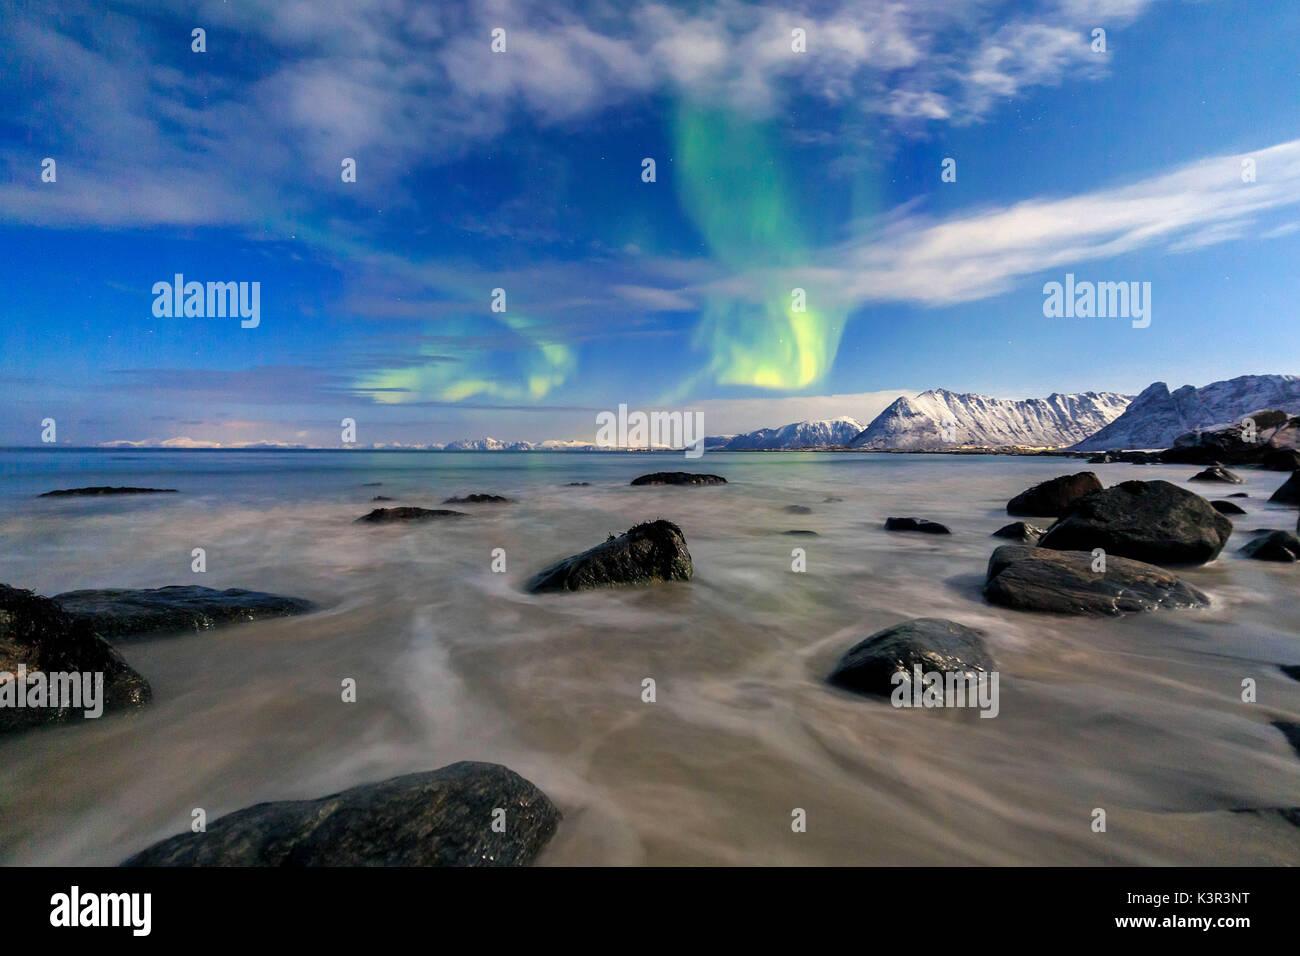 Northern Lights illuminano il paesaggio intorno Gymsøyand e le cime innevate. Isole Lofoten Norvegia del Nord Europa Immagini Stock